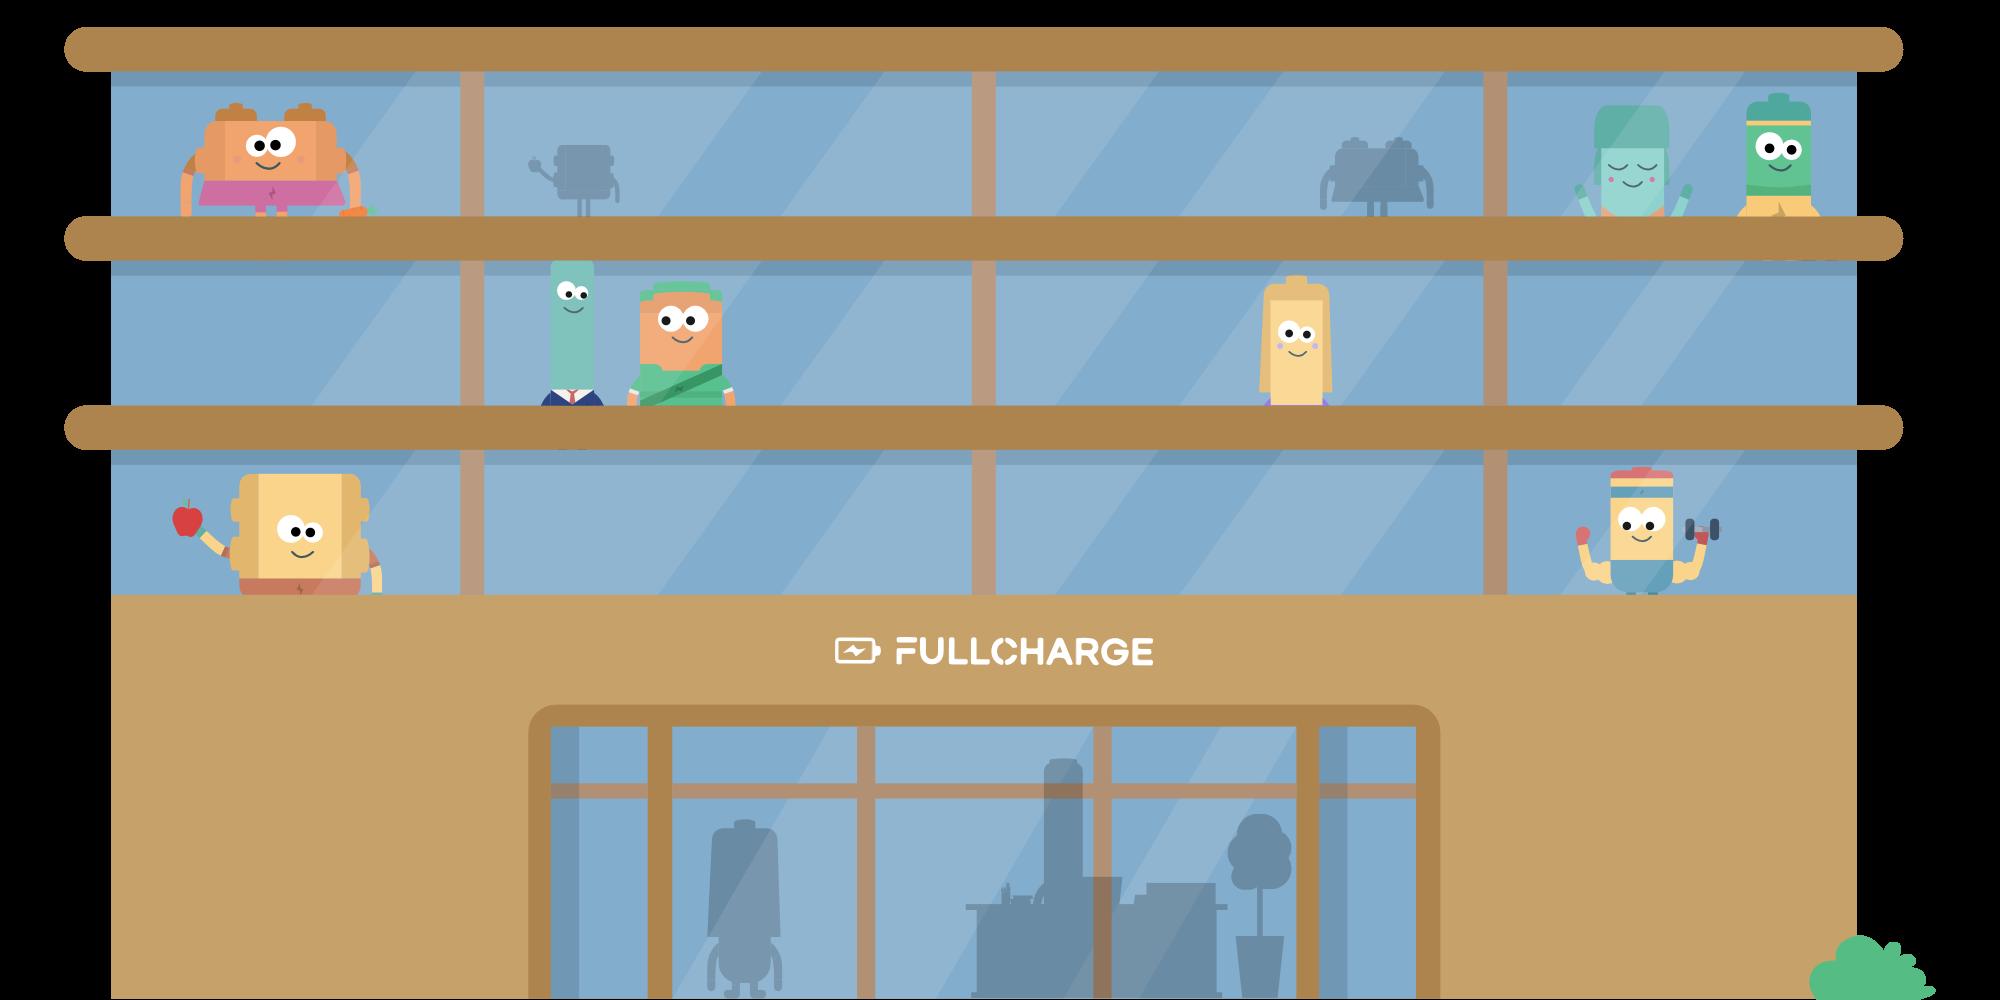 fullcharge-bedrijven-building